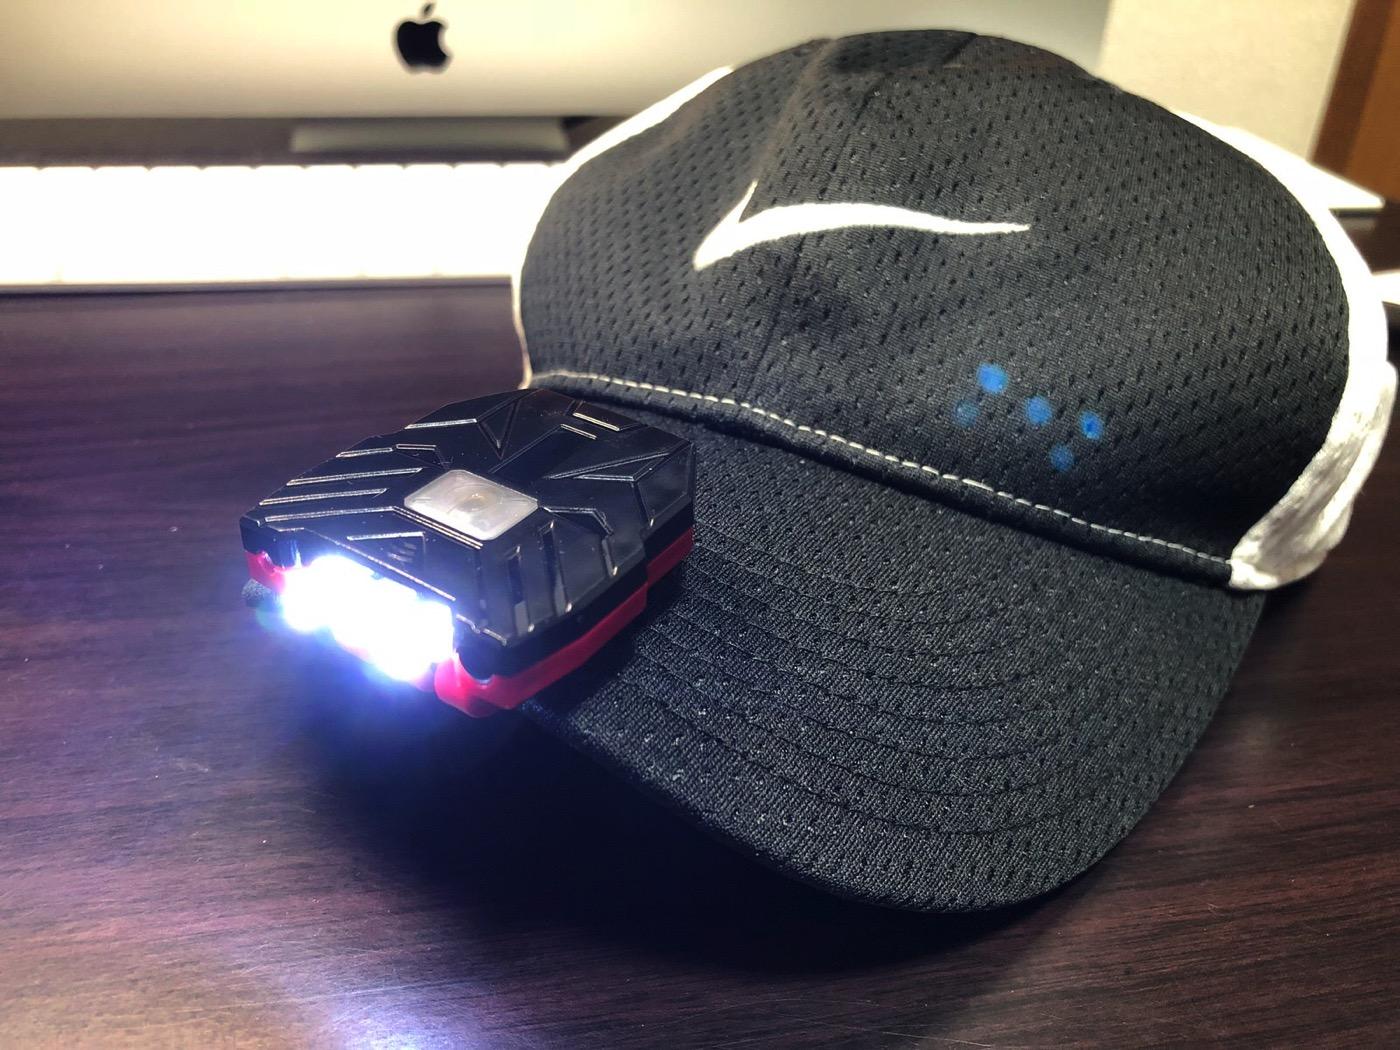 ヘッドライト 40ルーメン LEDキャップライト 帽子ライト センシング機能付 人感センサー ライト 2点灯モード 90度角度調節可能 帽子に挟んで使う-13